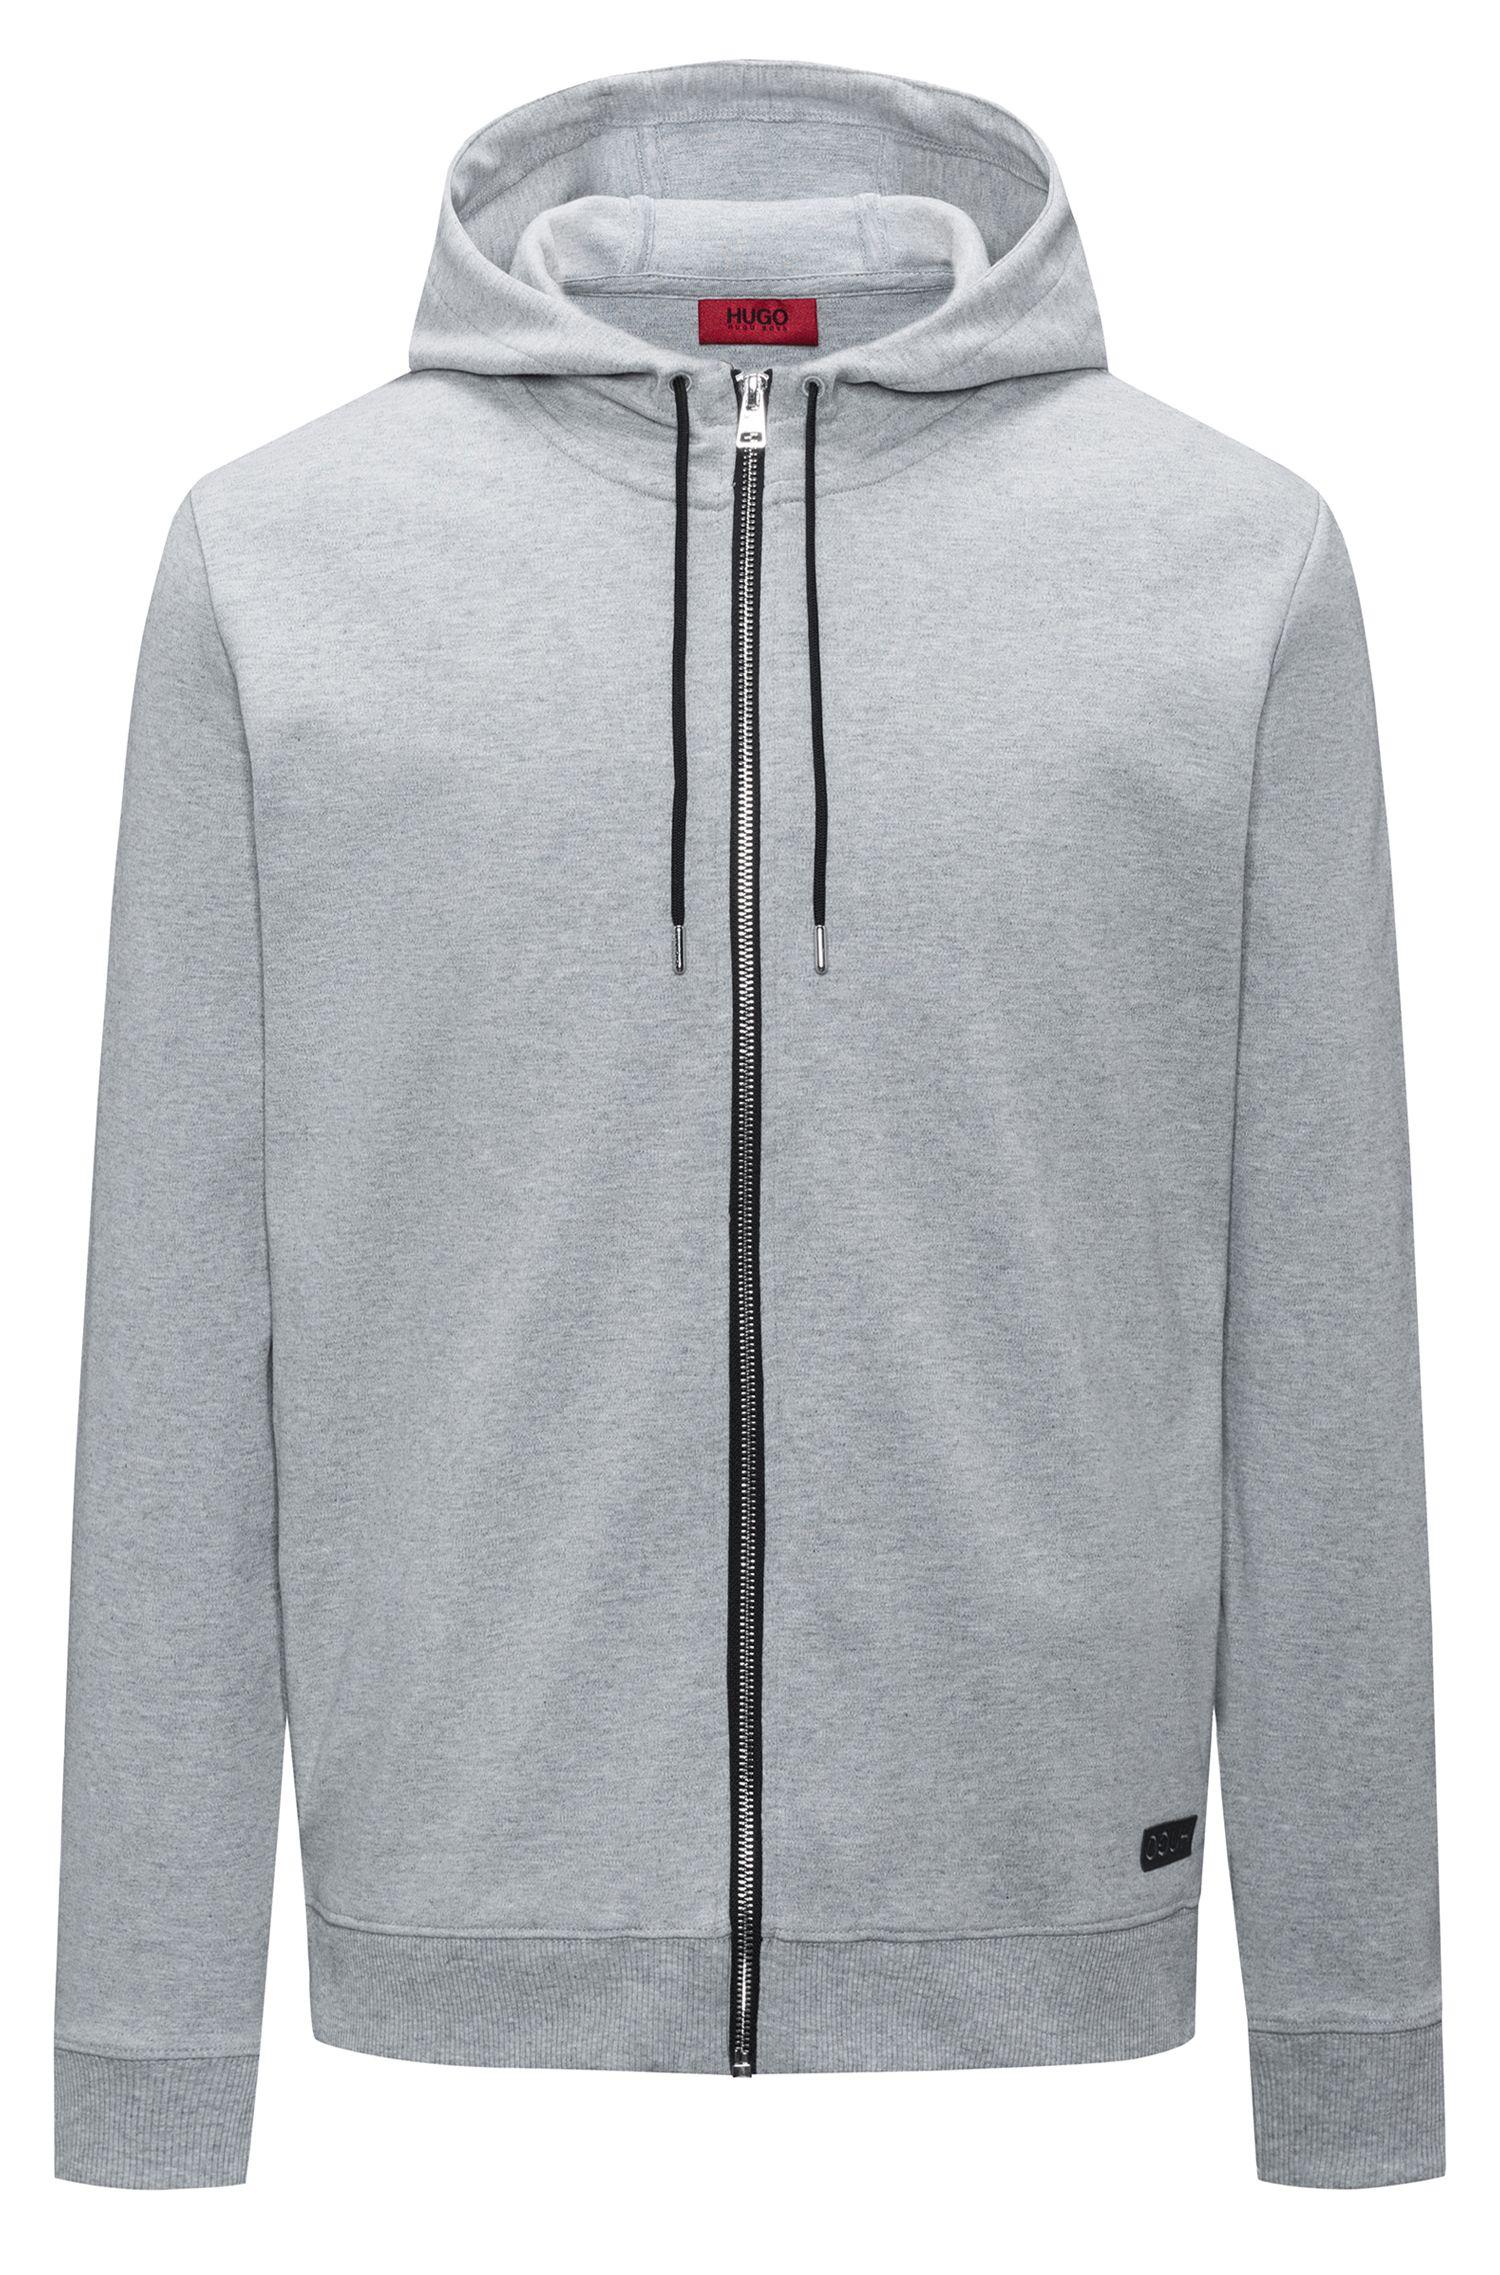 Jersey con capucha y cremallera integral en algodón interlock